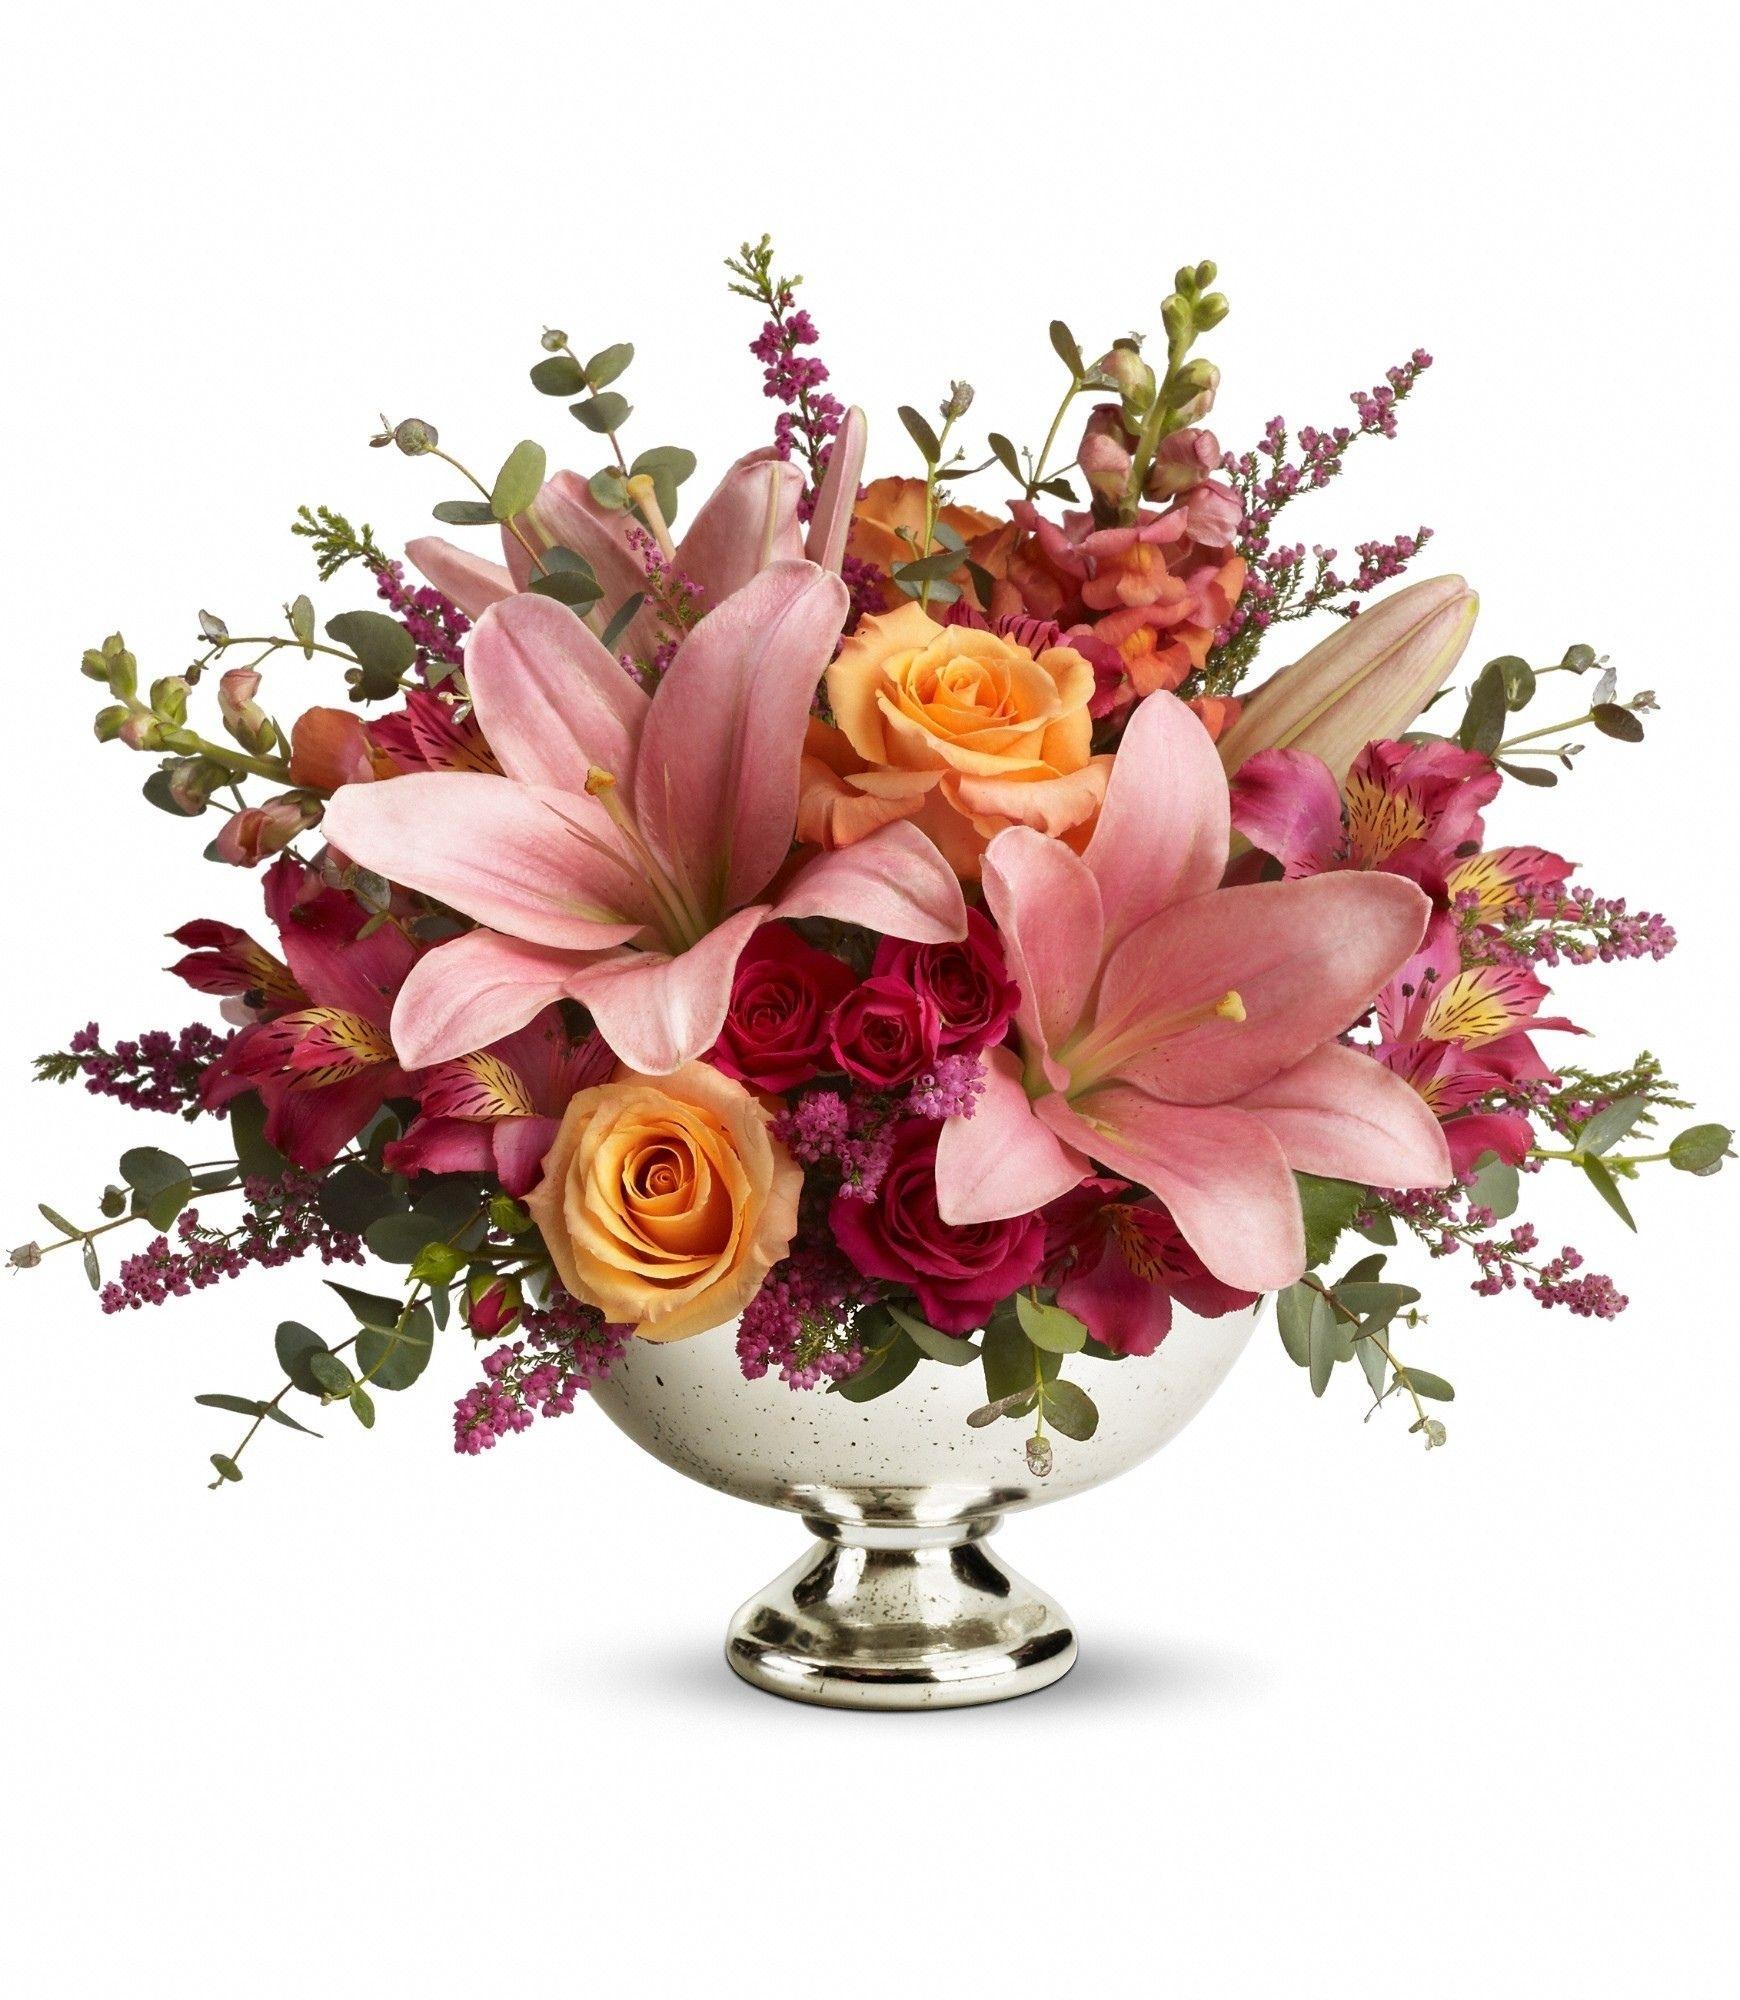 11 beautiful flower bouquets - 11 gyönyörű virágcsokor - megaport